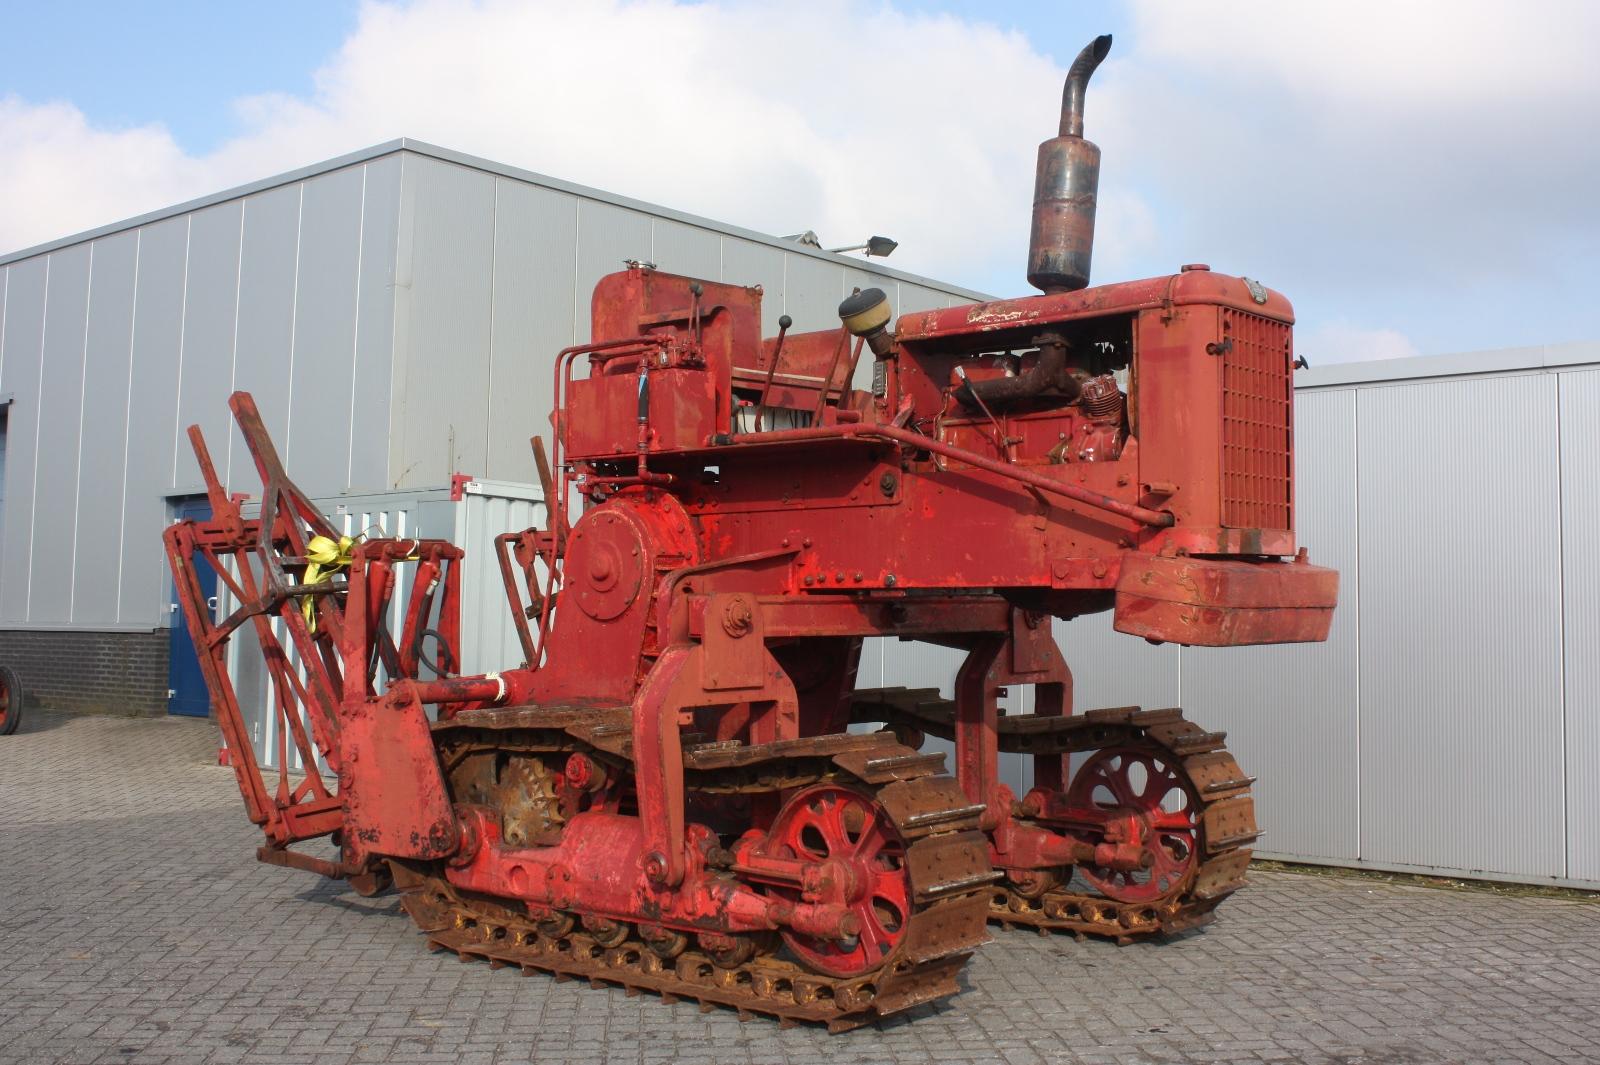 Old Heavy Equipment : Continental cd enjambeur vintage tractor van dijk